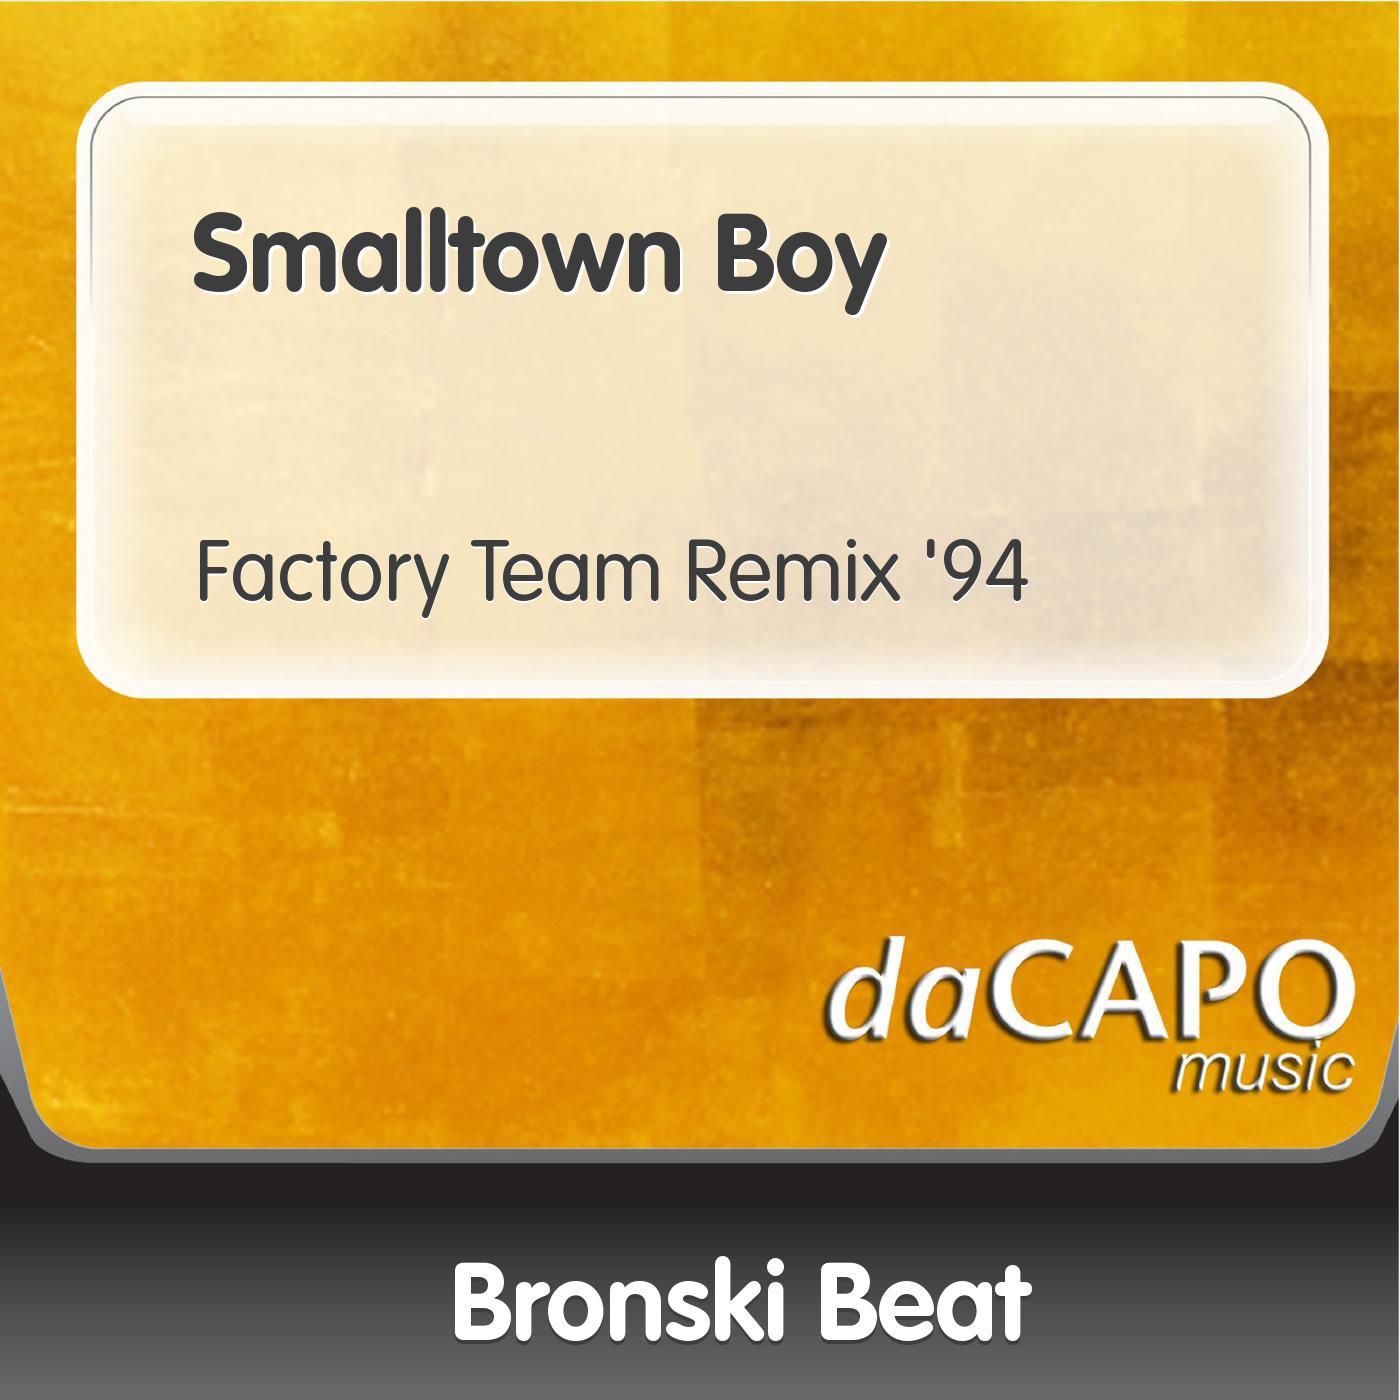 Smalltown Boy - Single